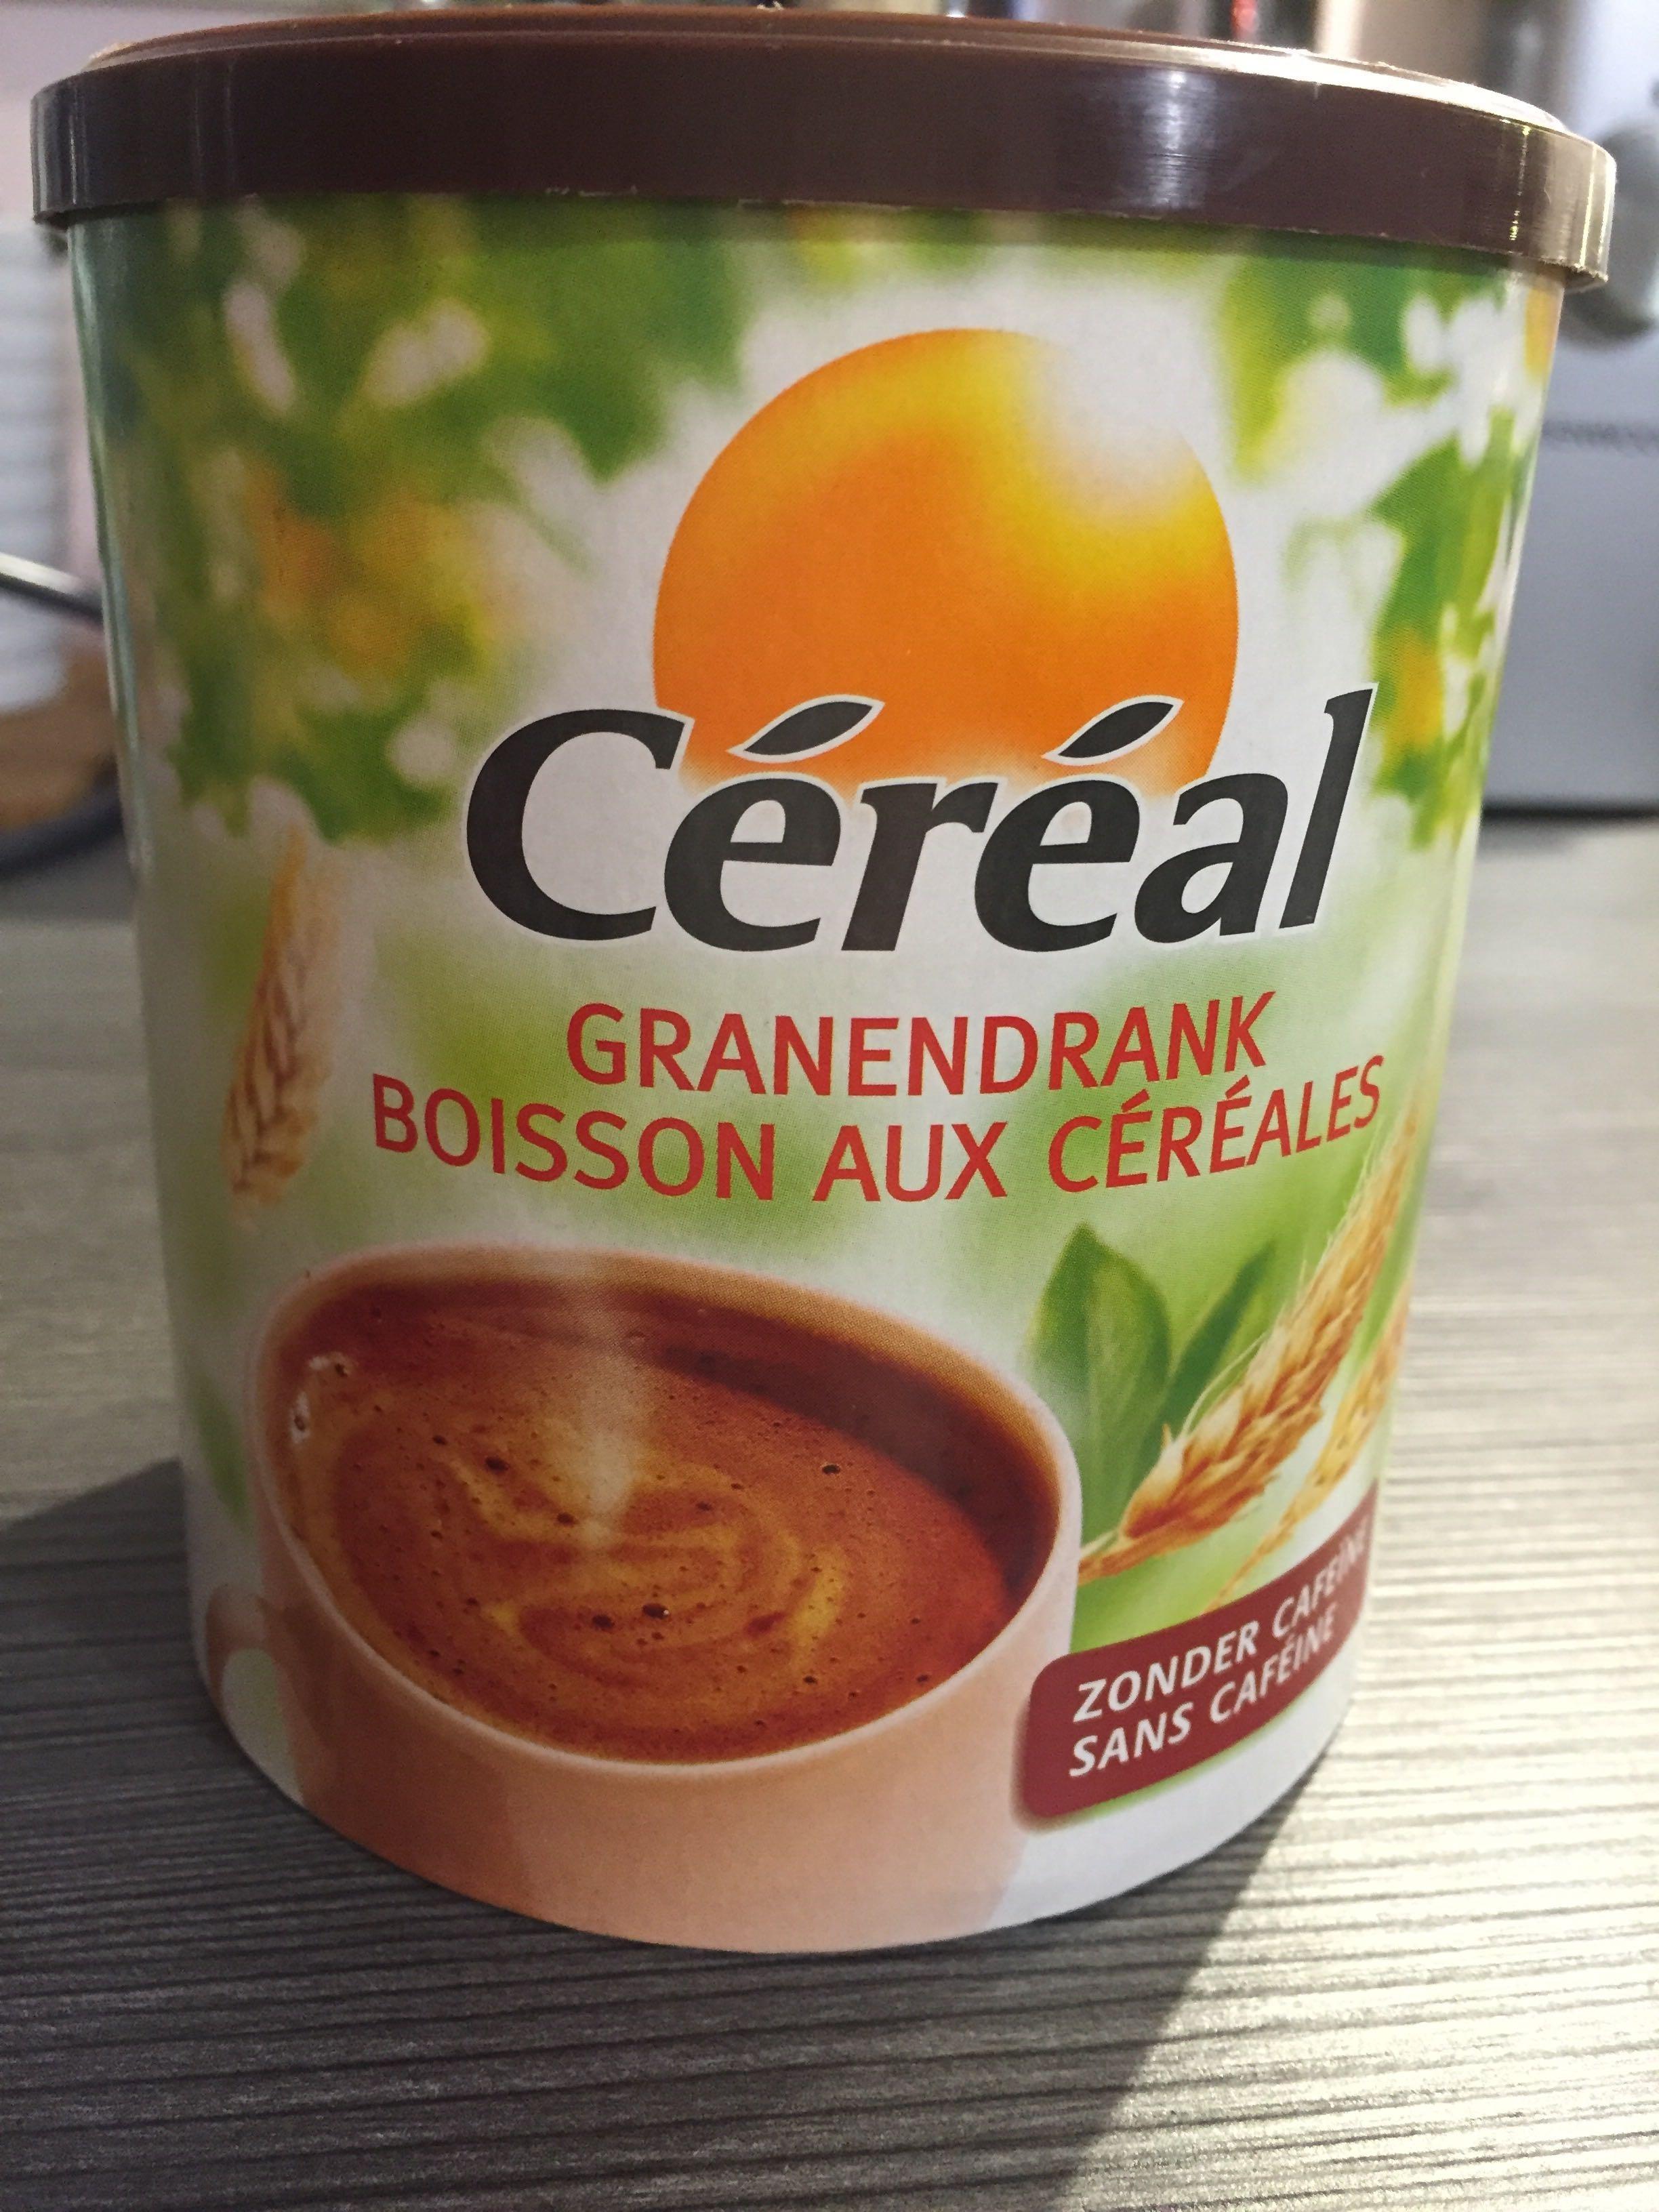 Boisson aux céréales - Product